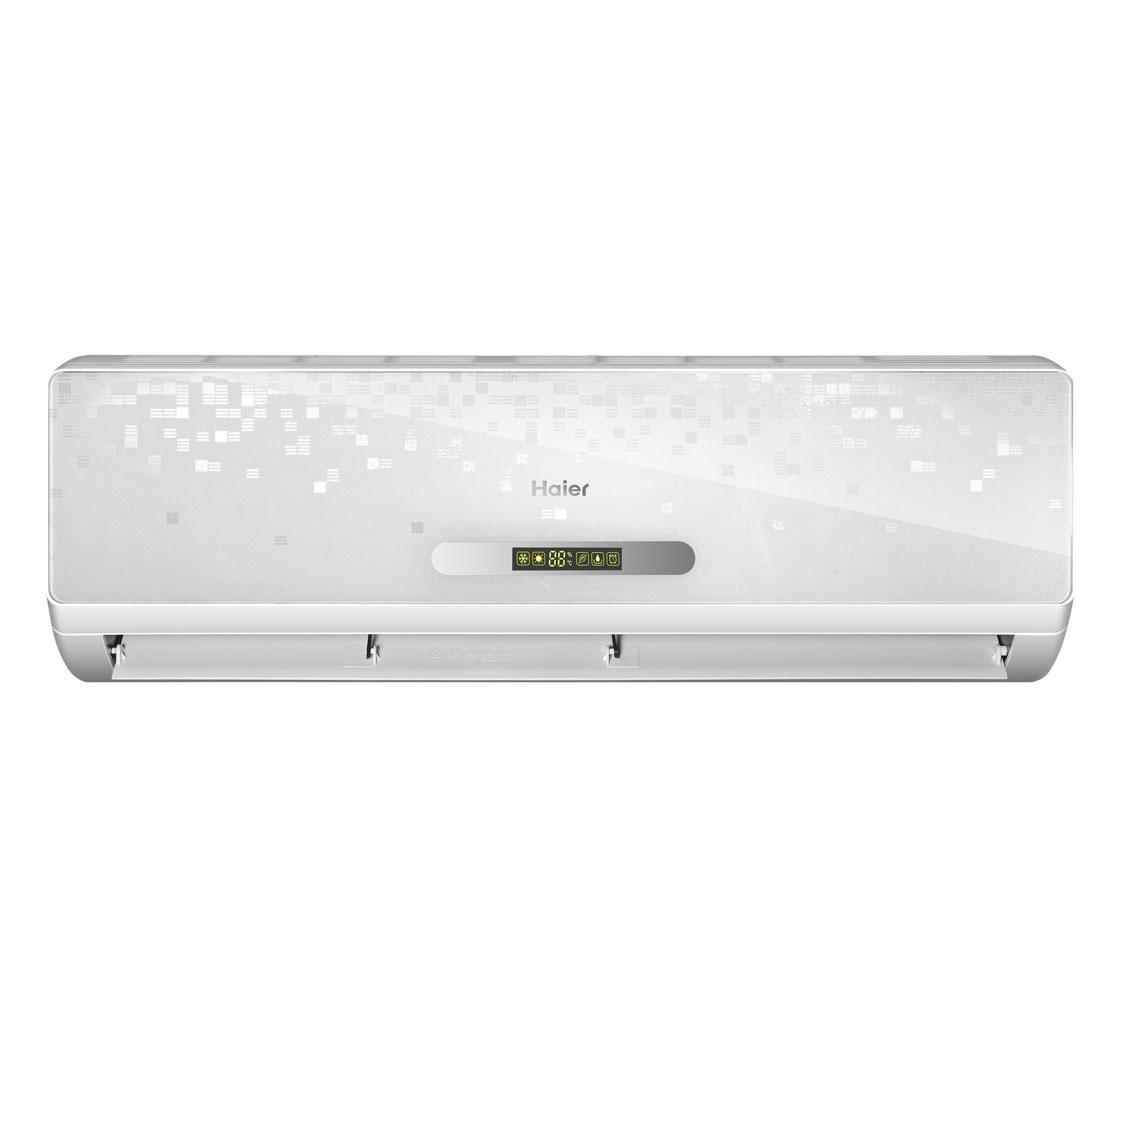 家用环保空调—家用环保空调的推荐品牌